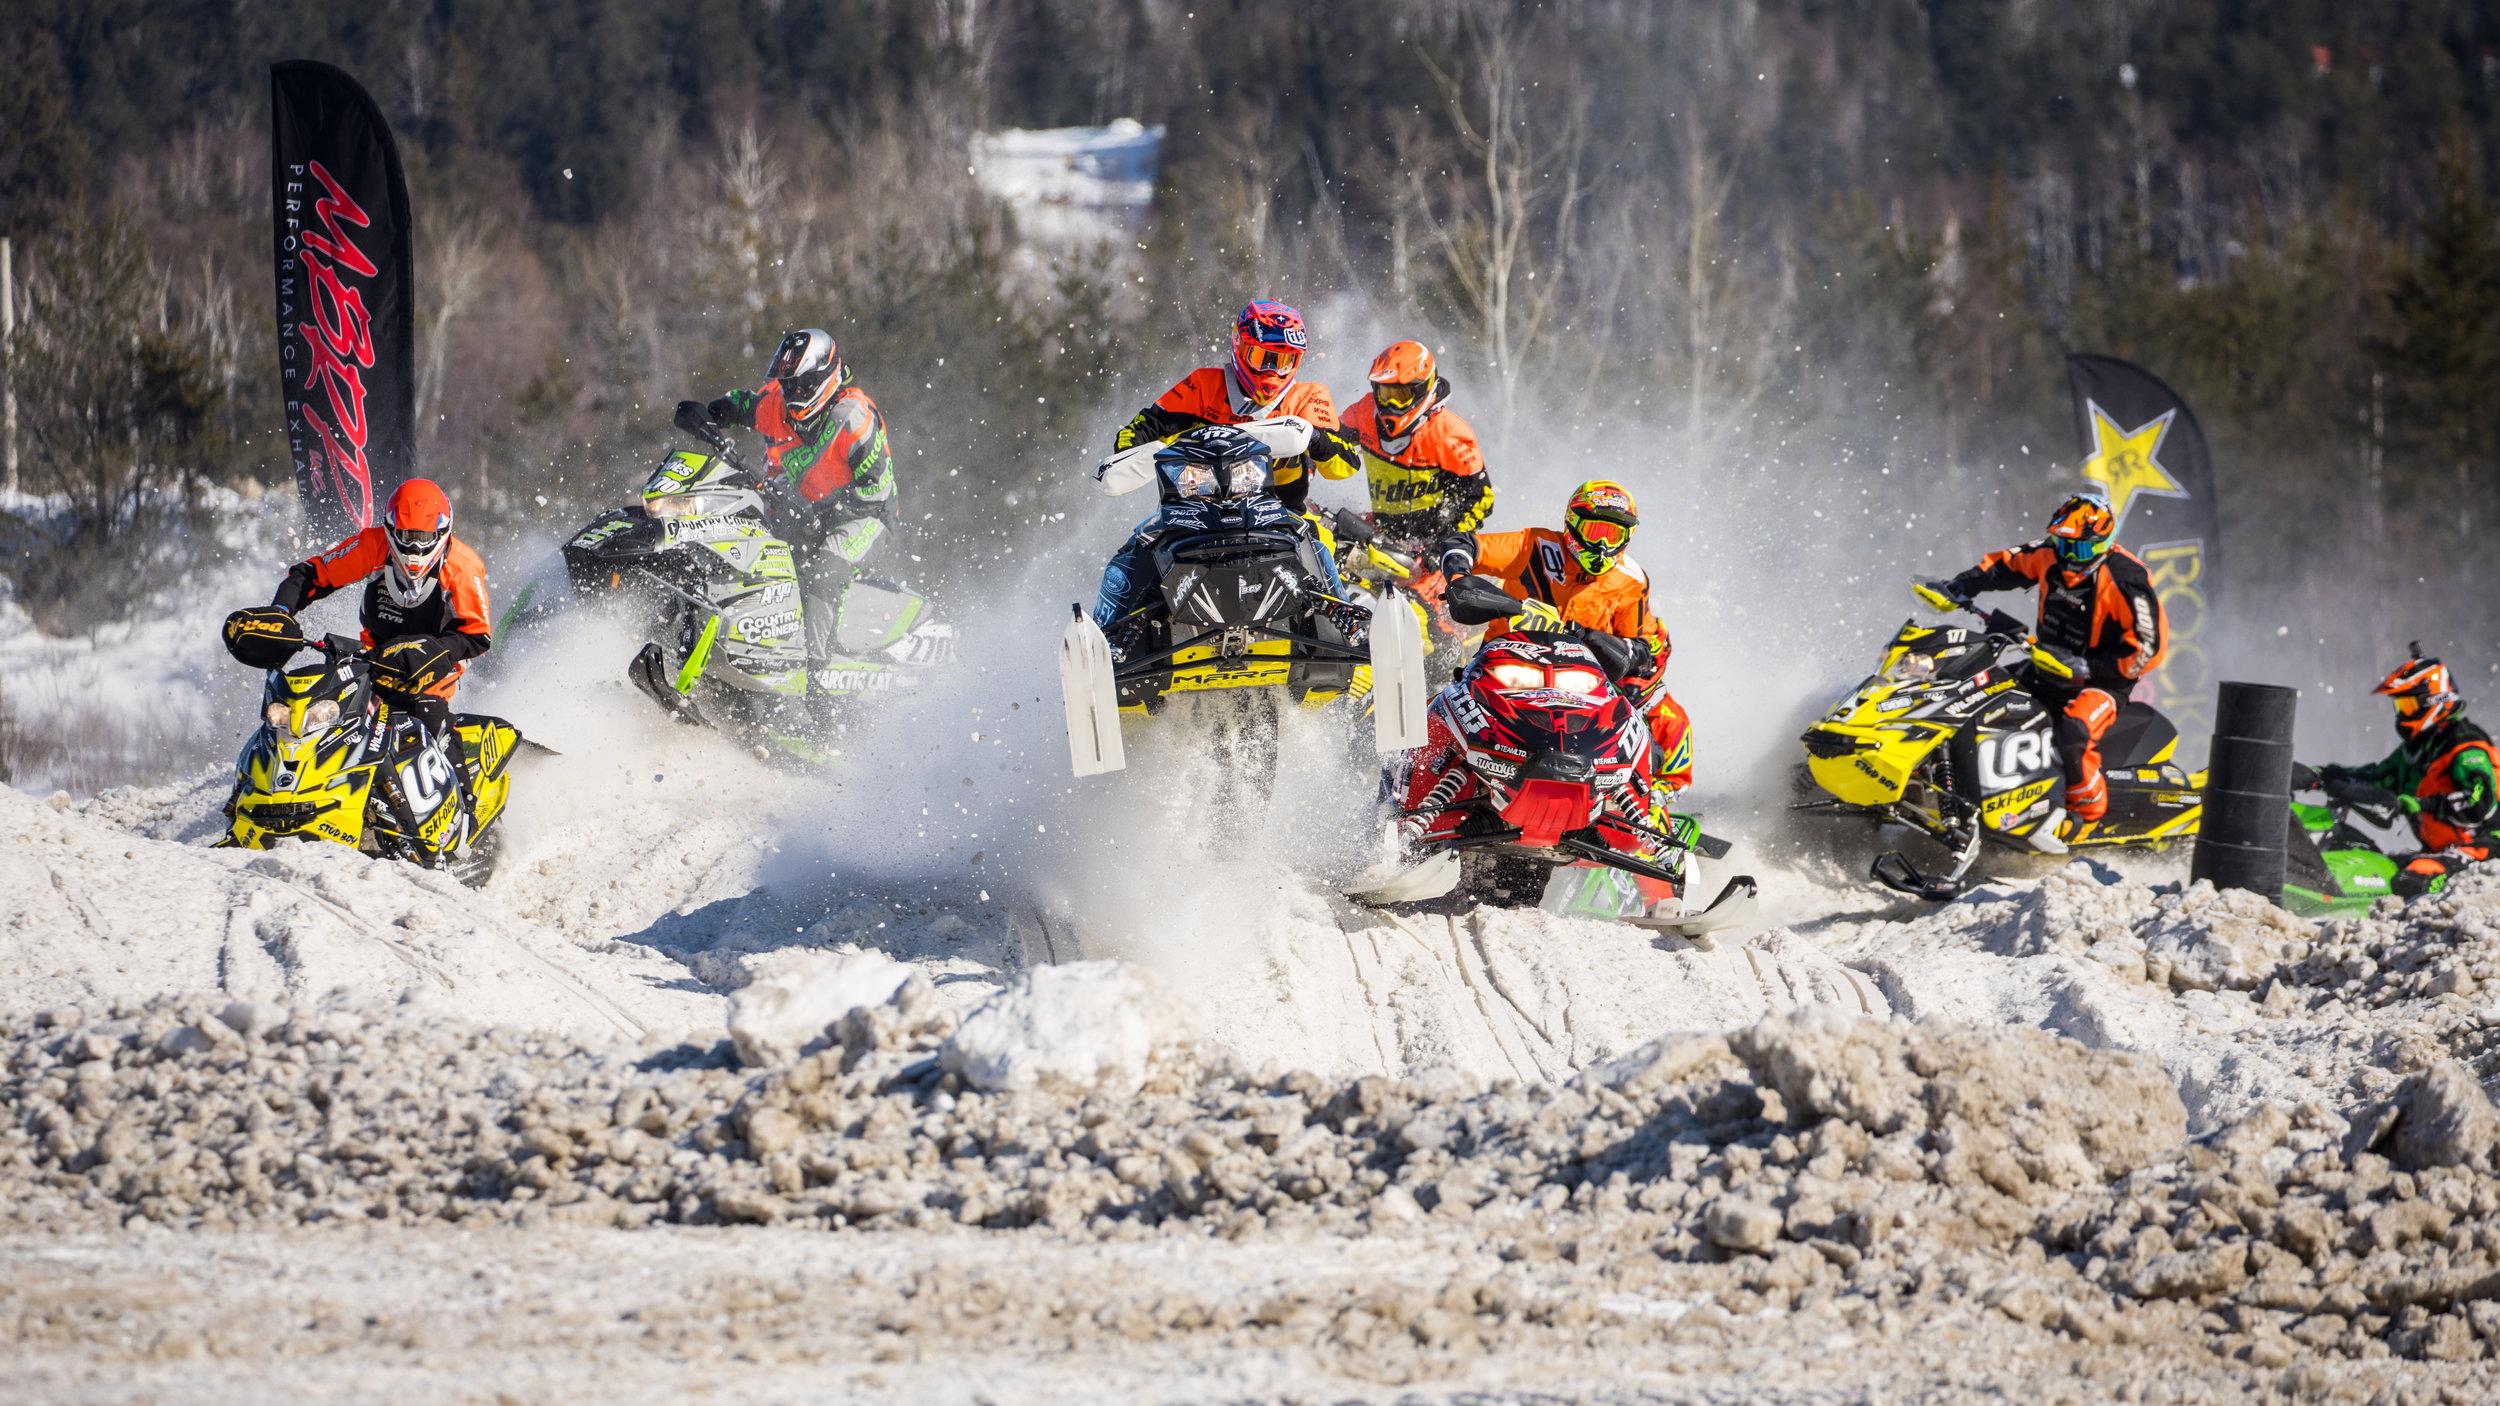 2017 Canadian Snowcross Racing Association Season Photos